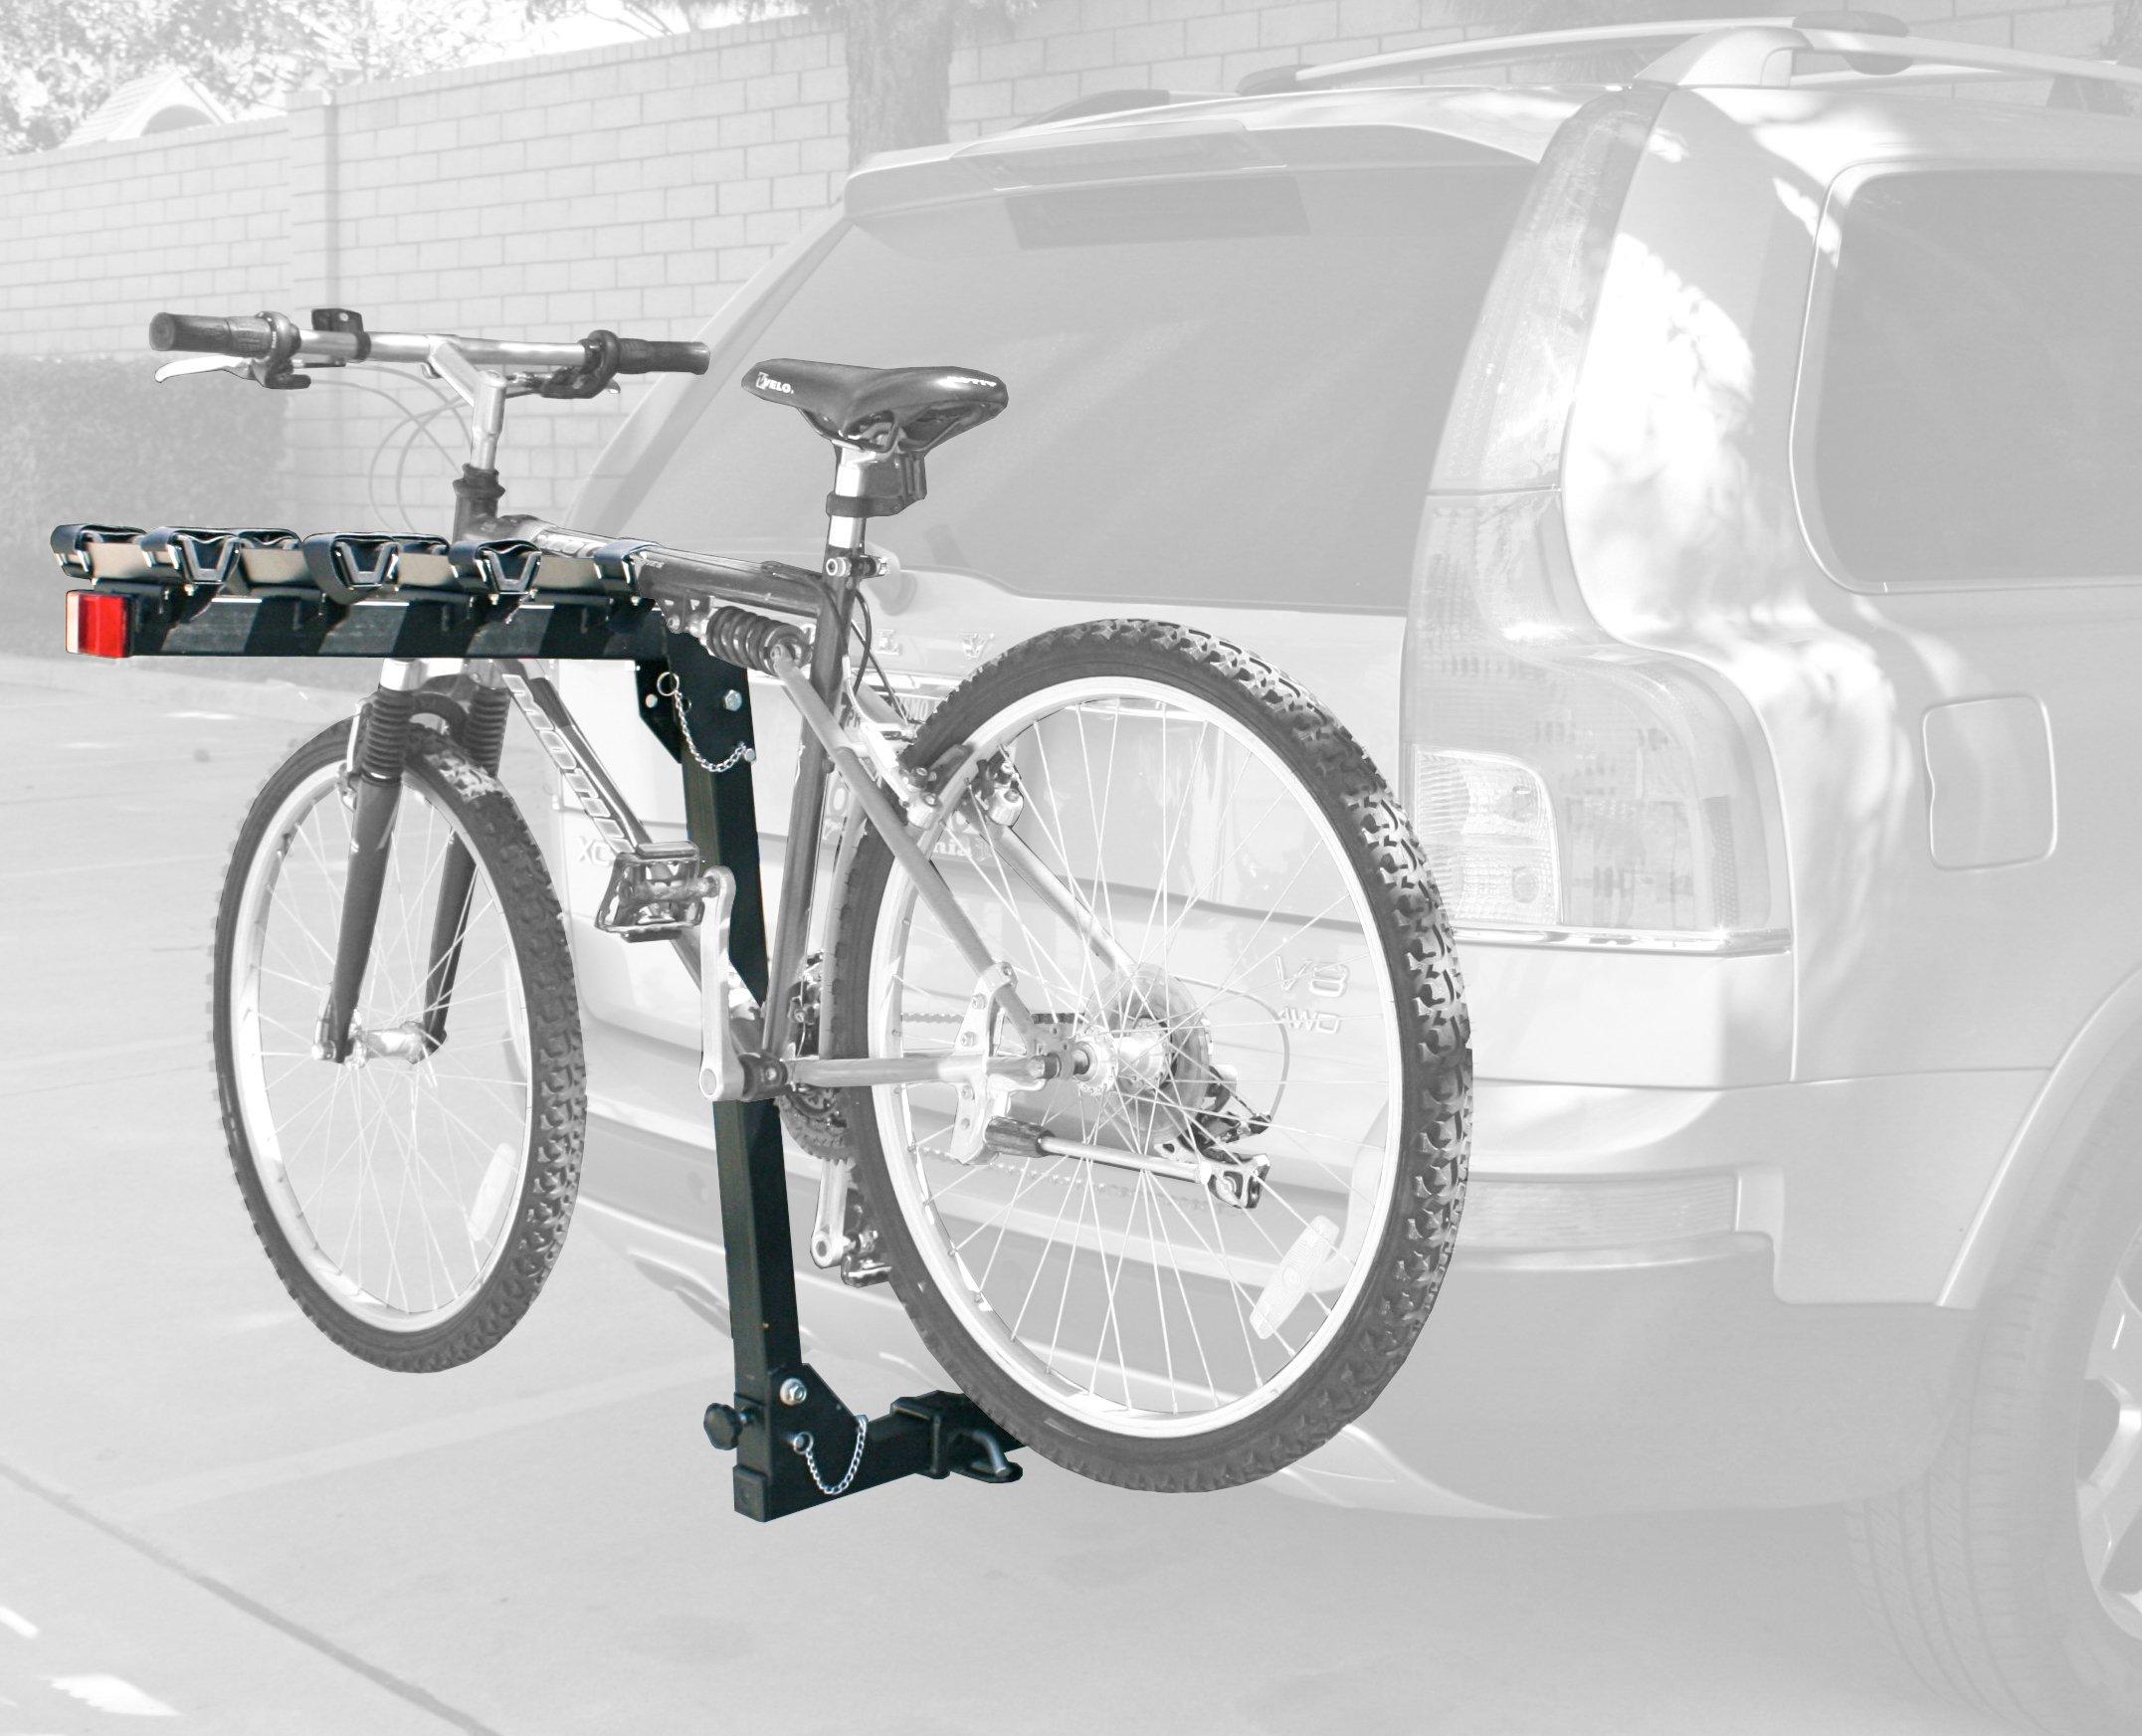 MaxxHaul 70210 4 Bike Deluxe Hitch